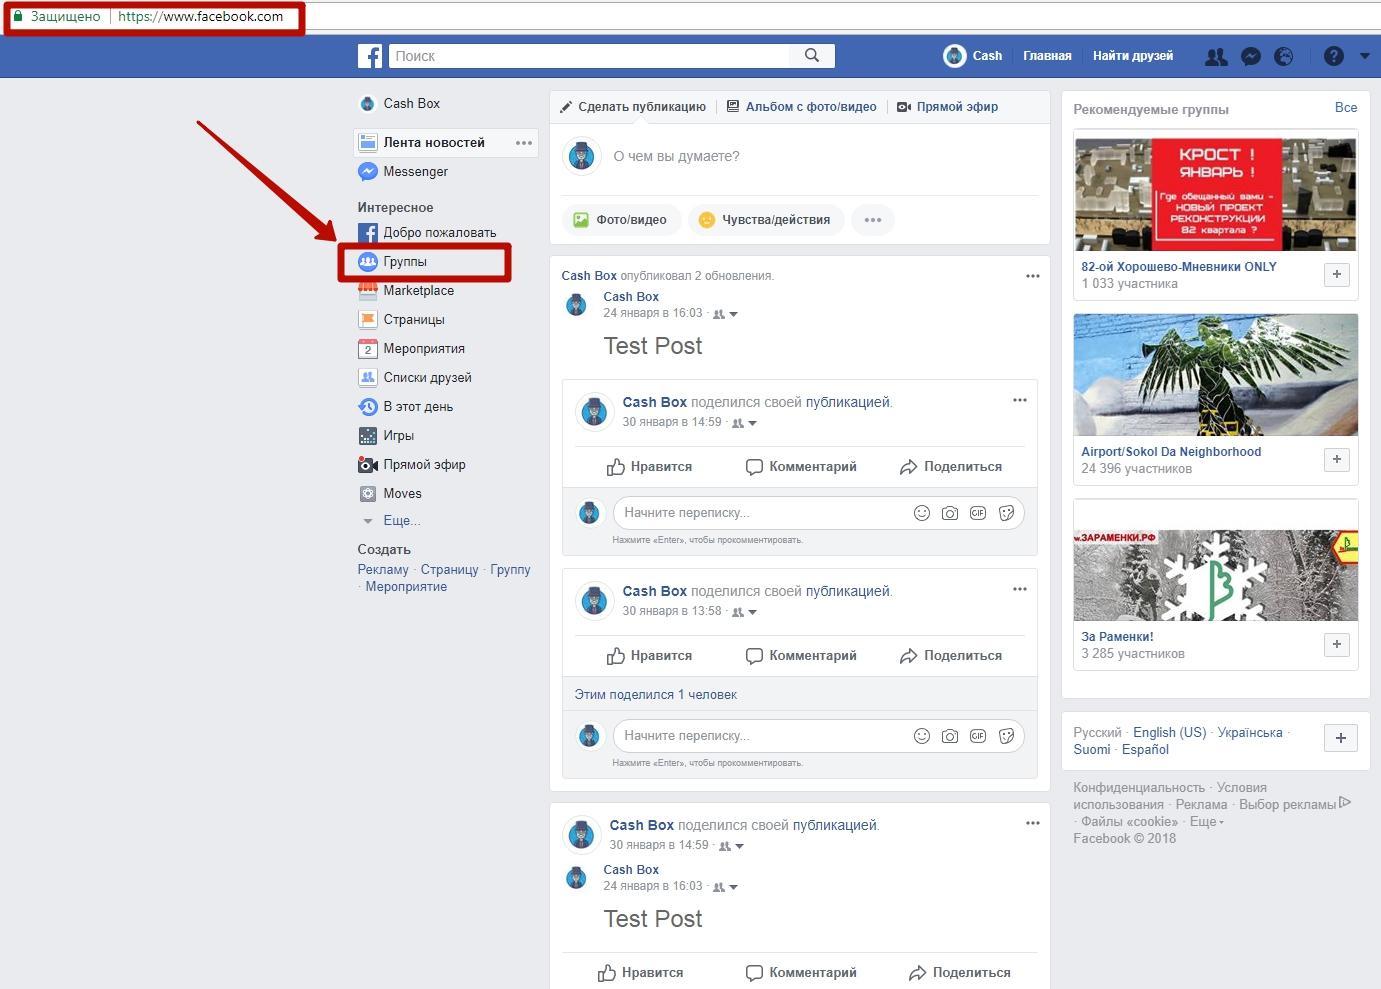 Как делать фото в фейсбуке